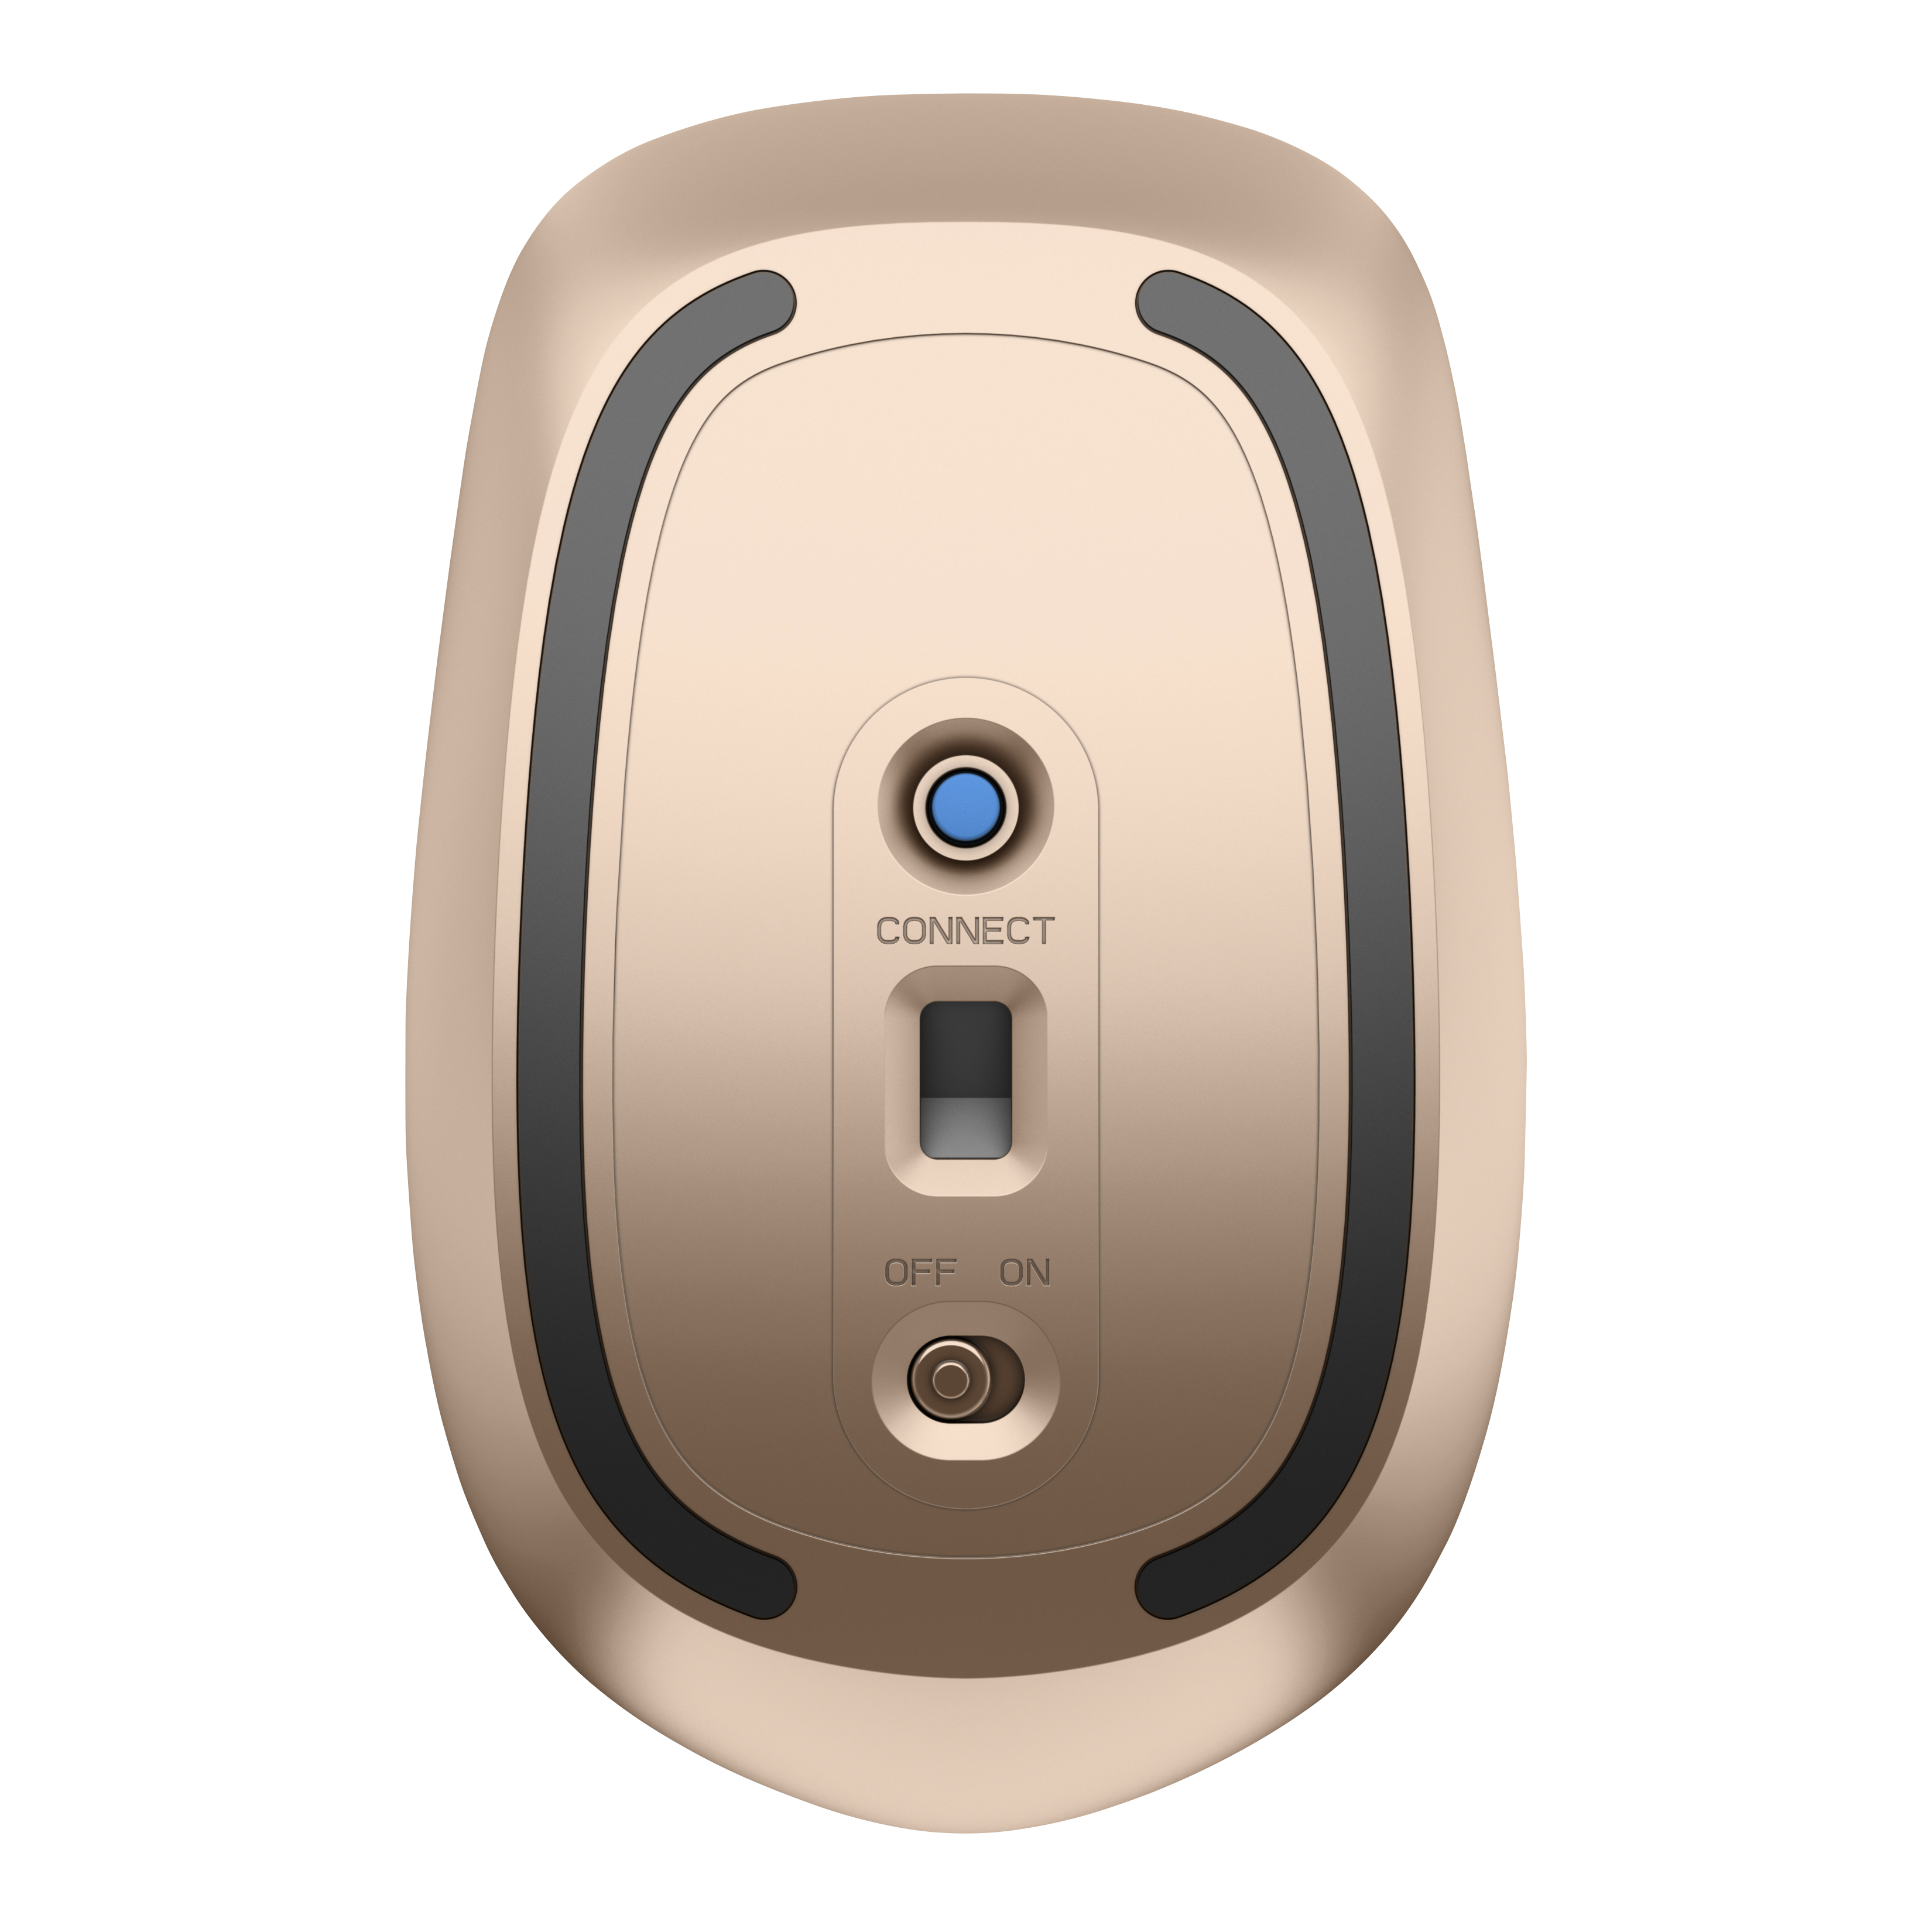 Z5000 BlueTooth Mouse (zwart/goud)